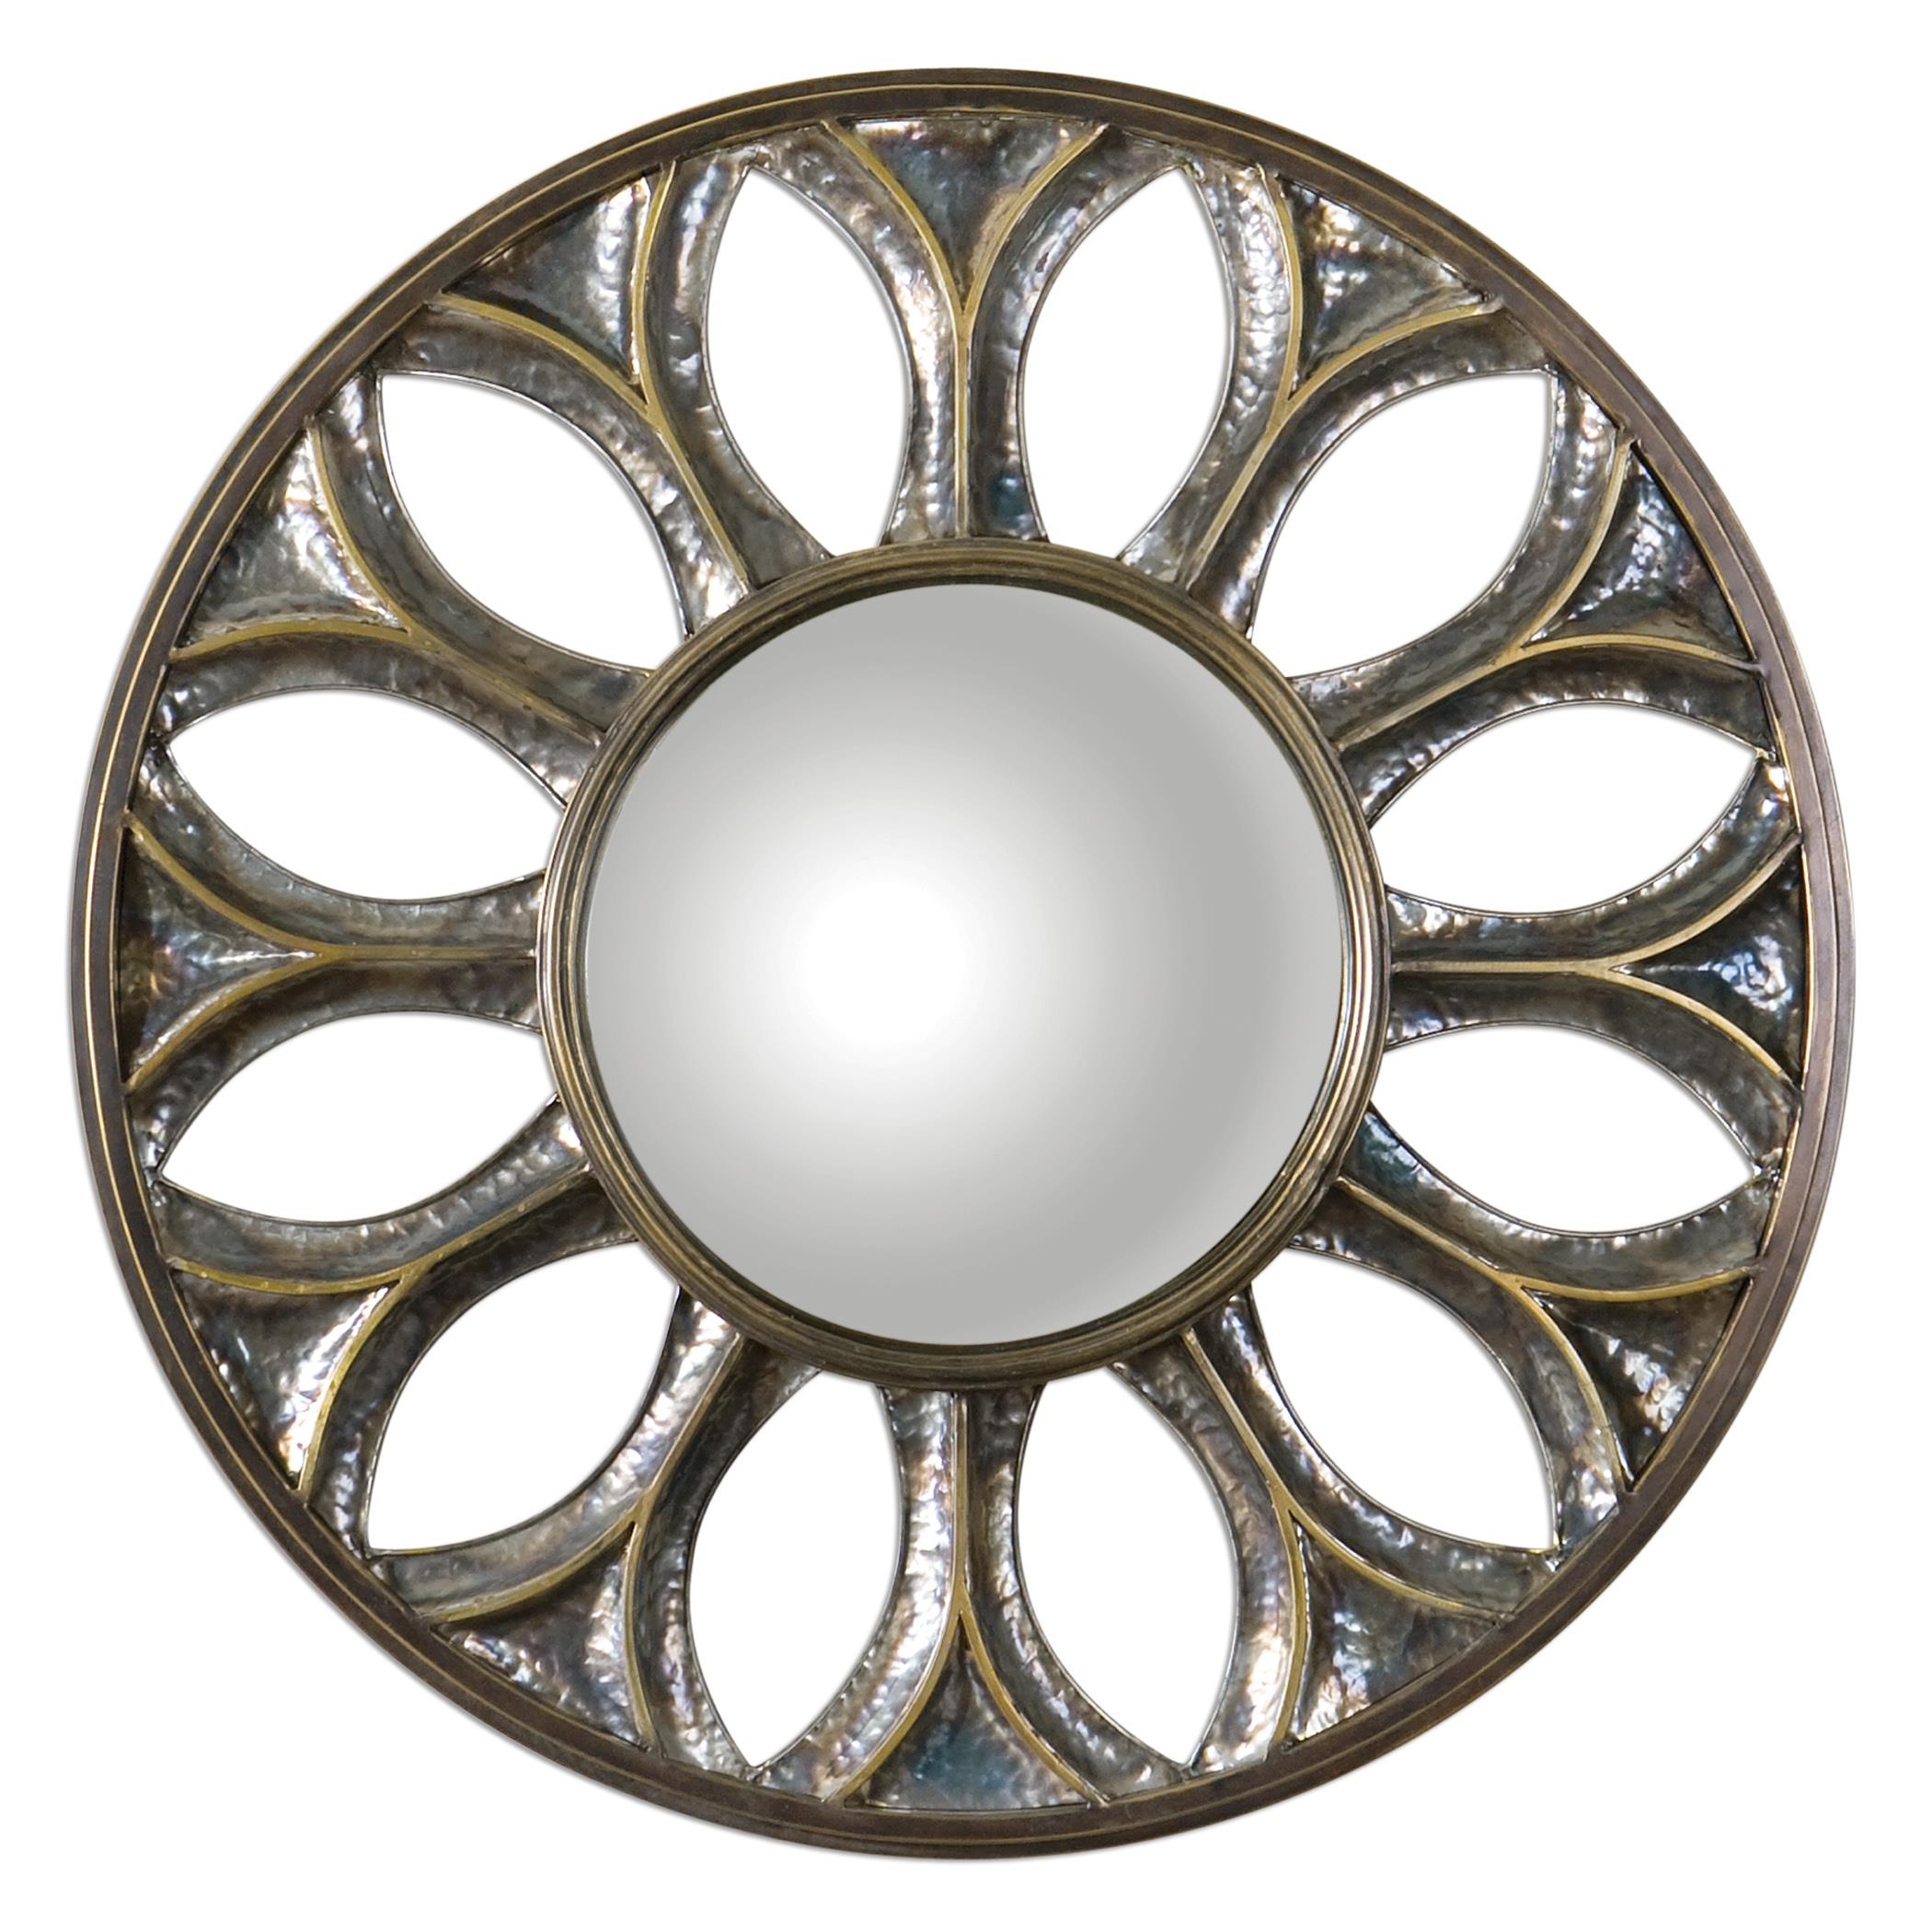 Uttermost Mirrors Yenisey Round Bronze Mirror - Item Number: 07697